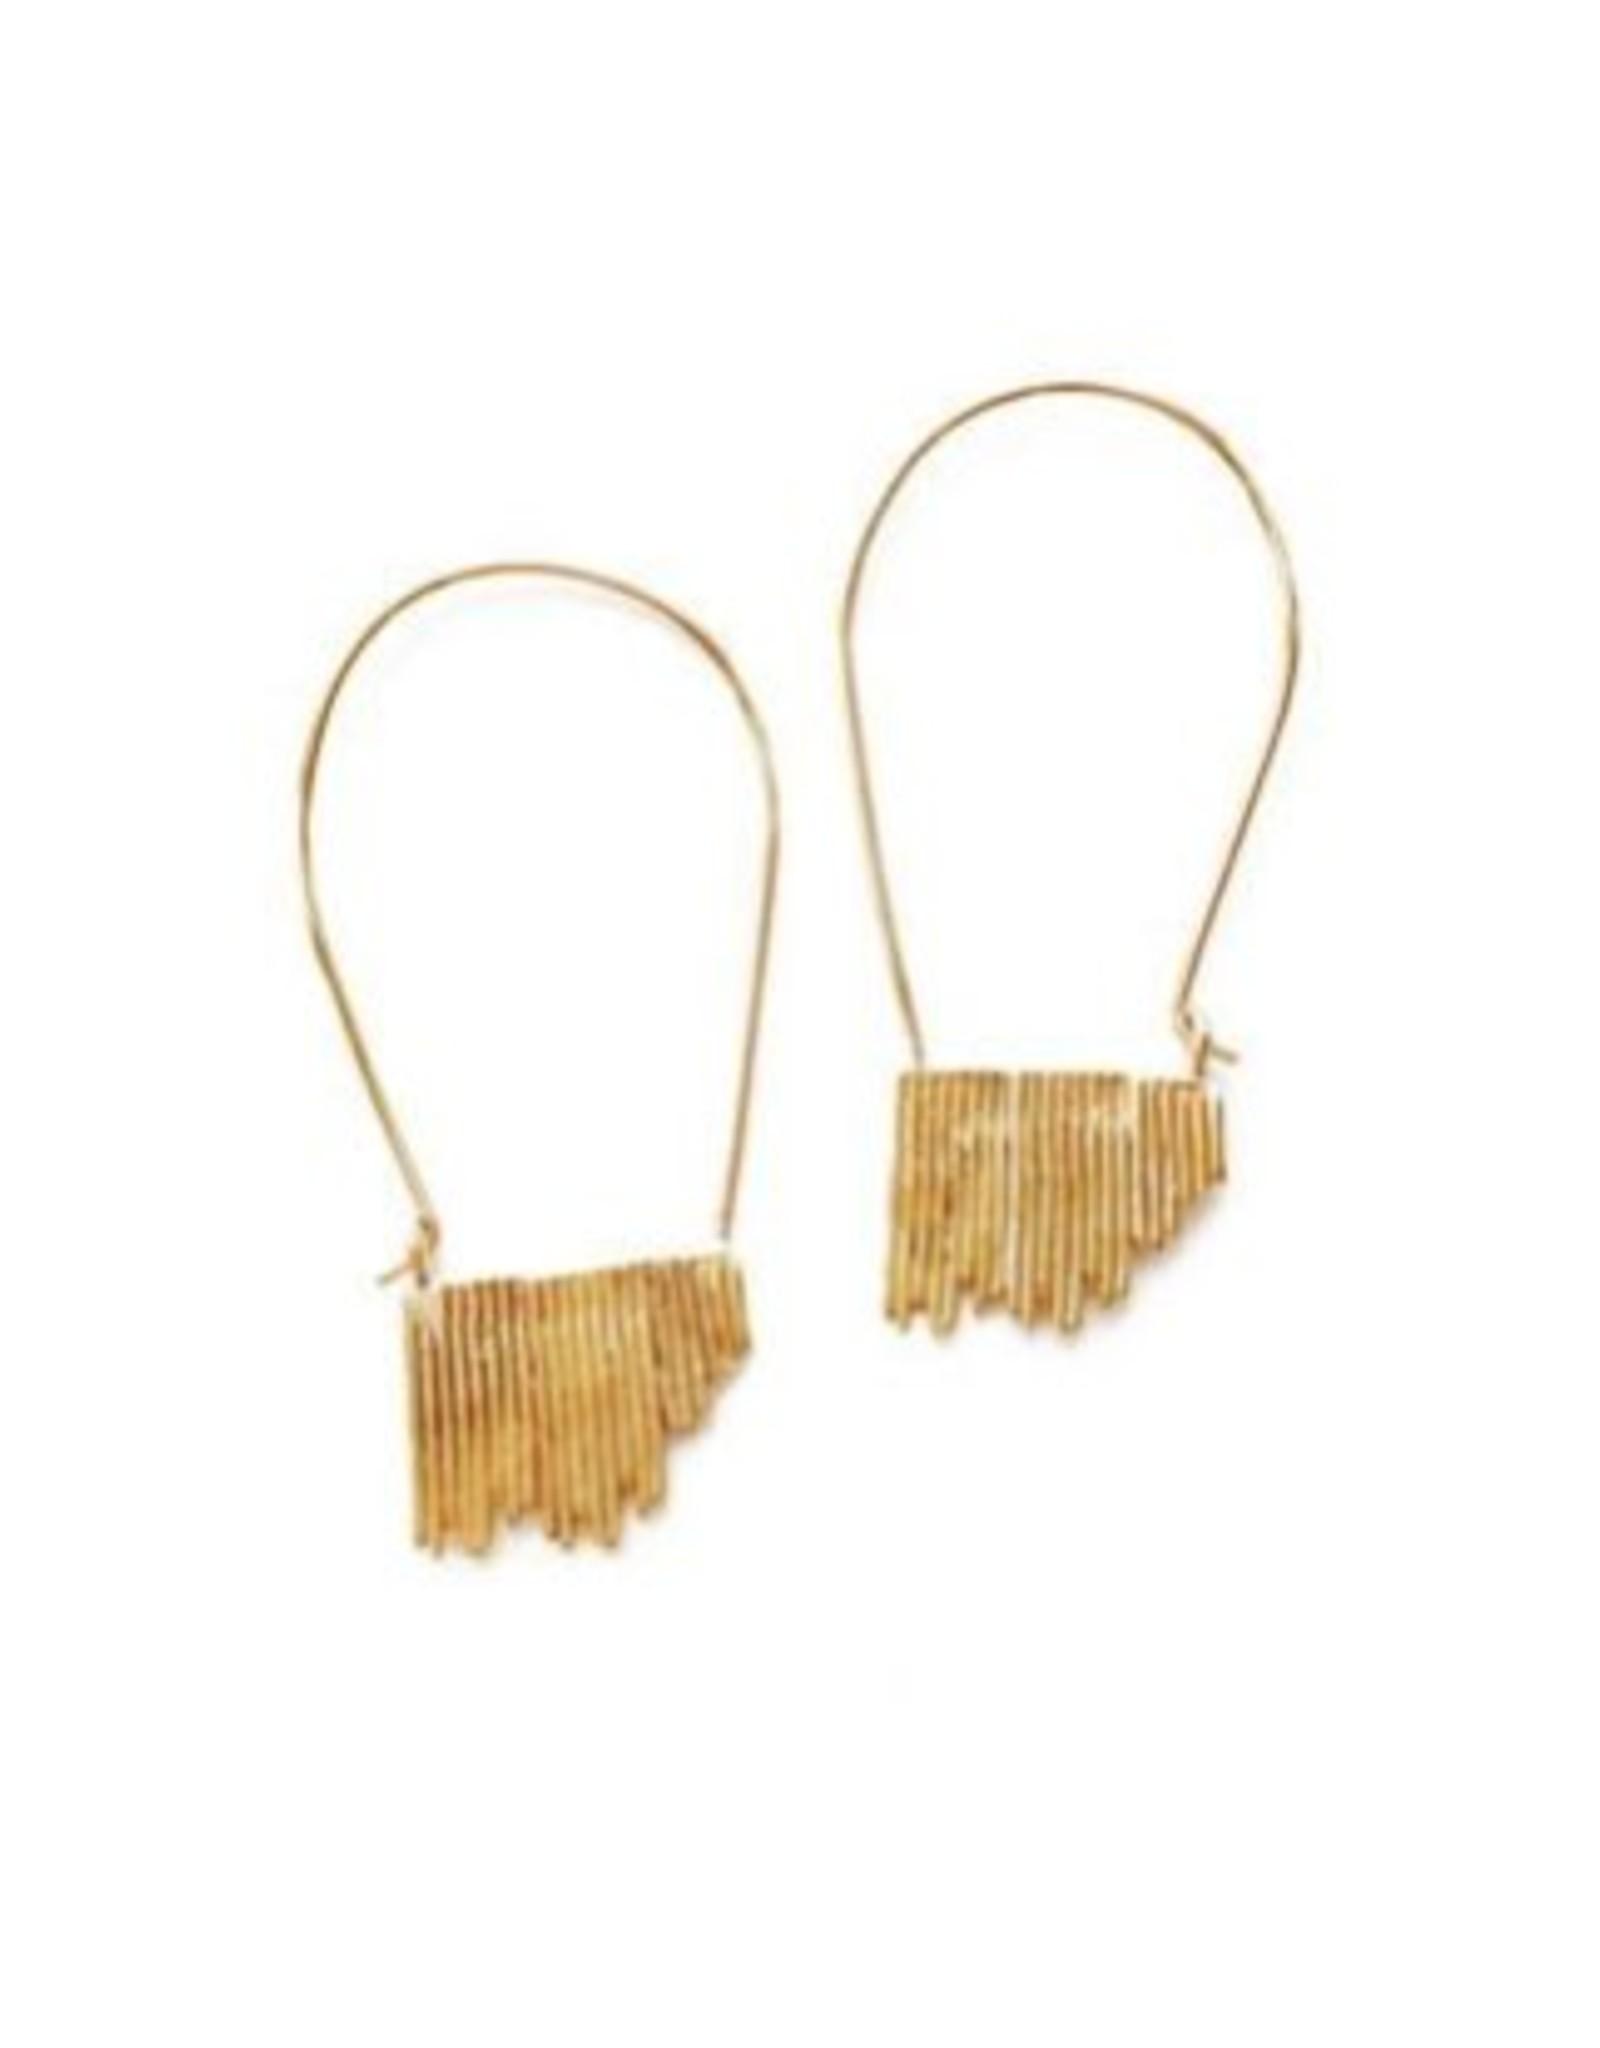 Satomi Studio Wilder Hoop Earrings